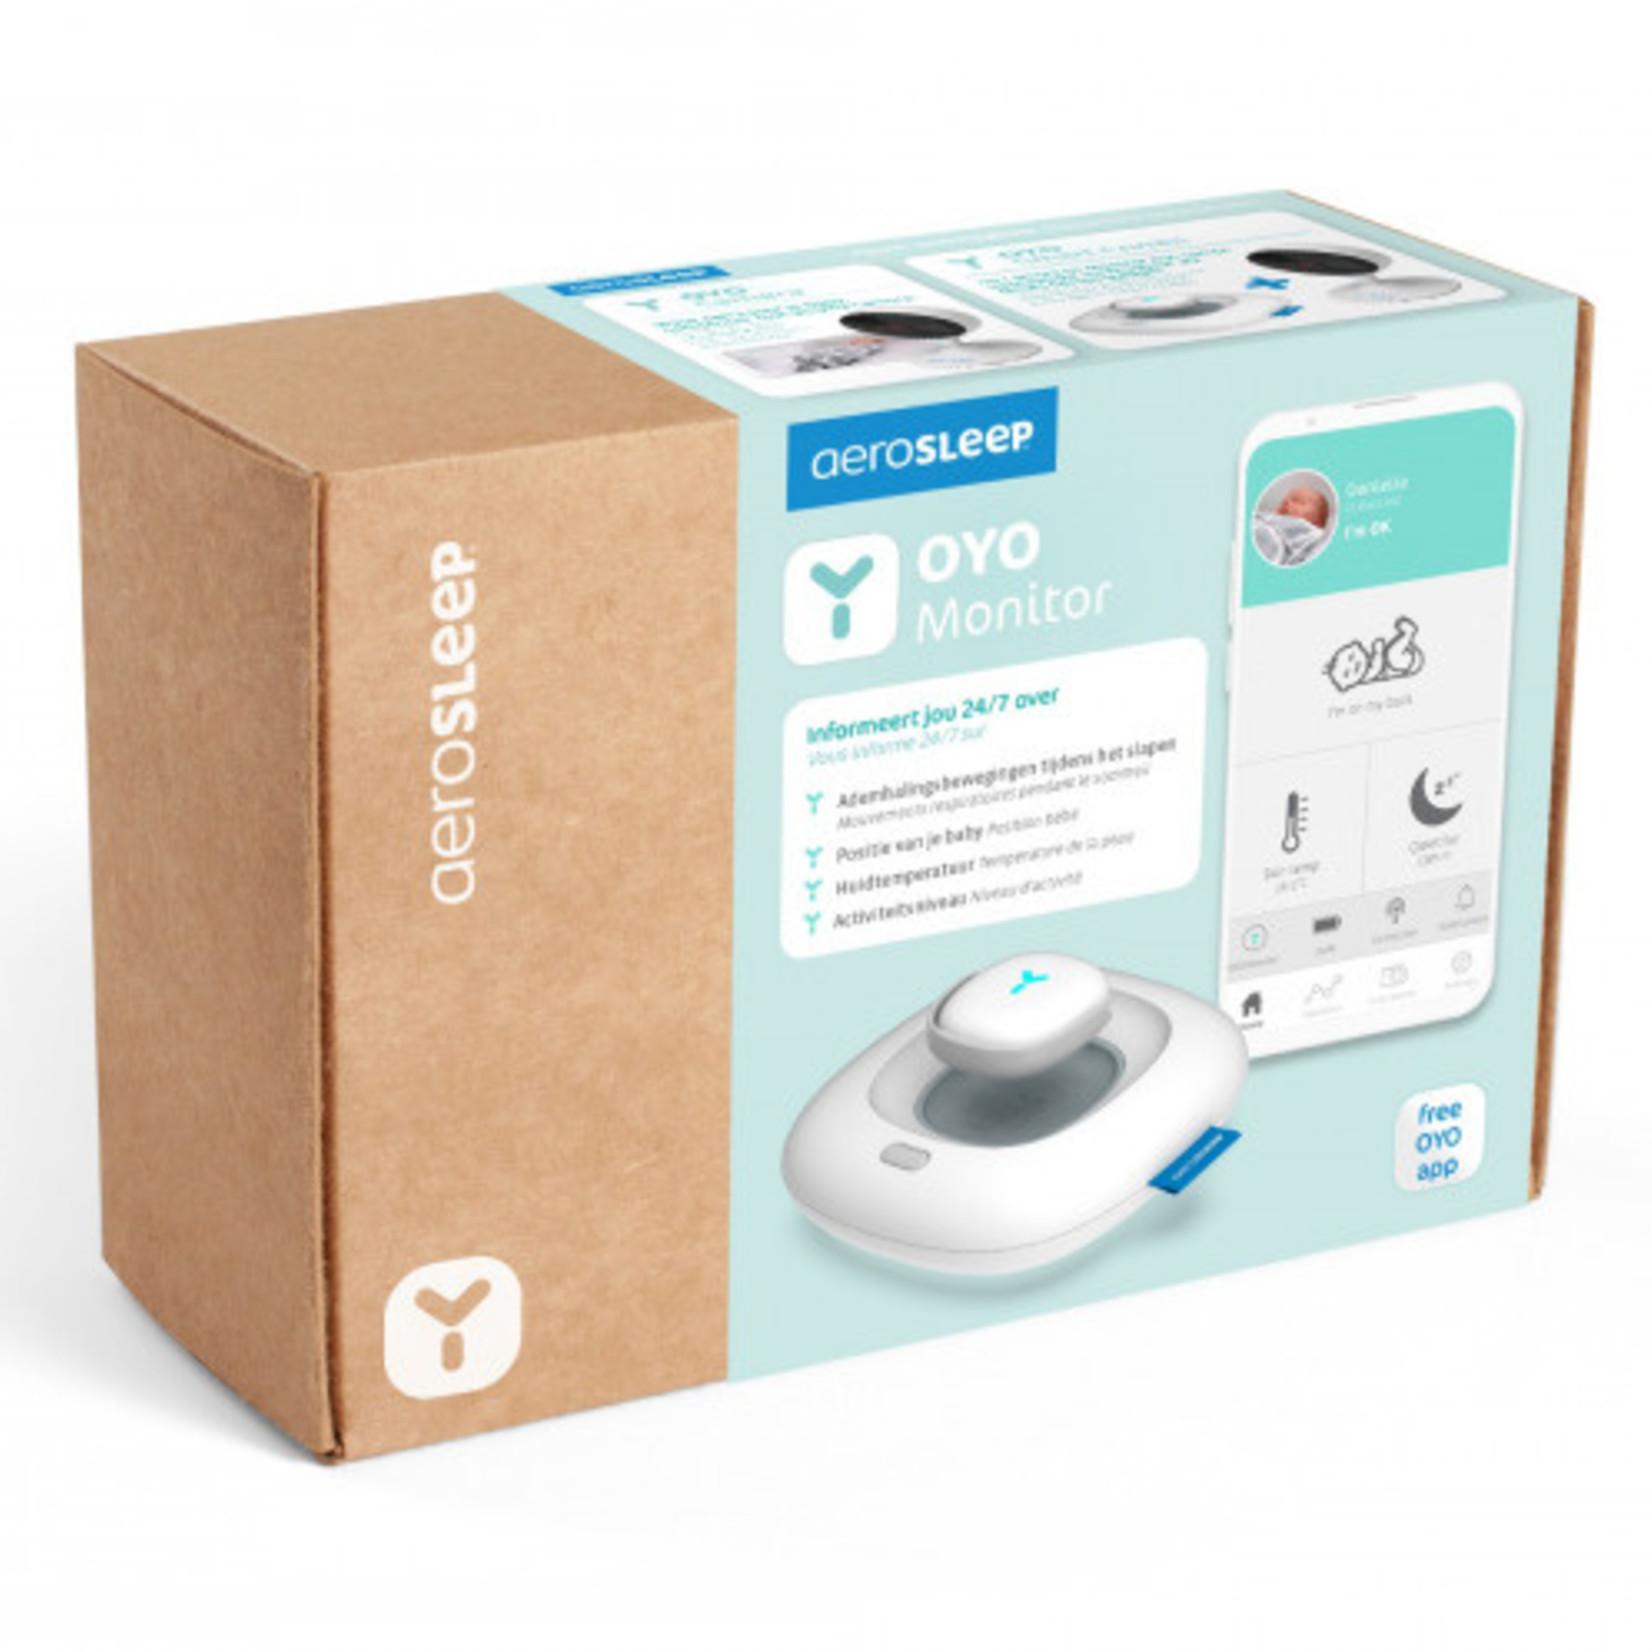 Aerosleep Aerosleep OYO Smart Baby Monitor